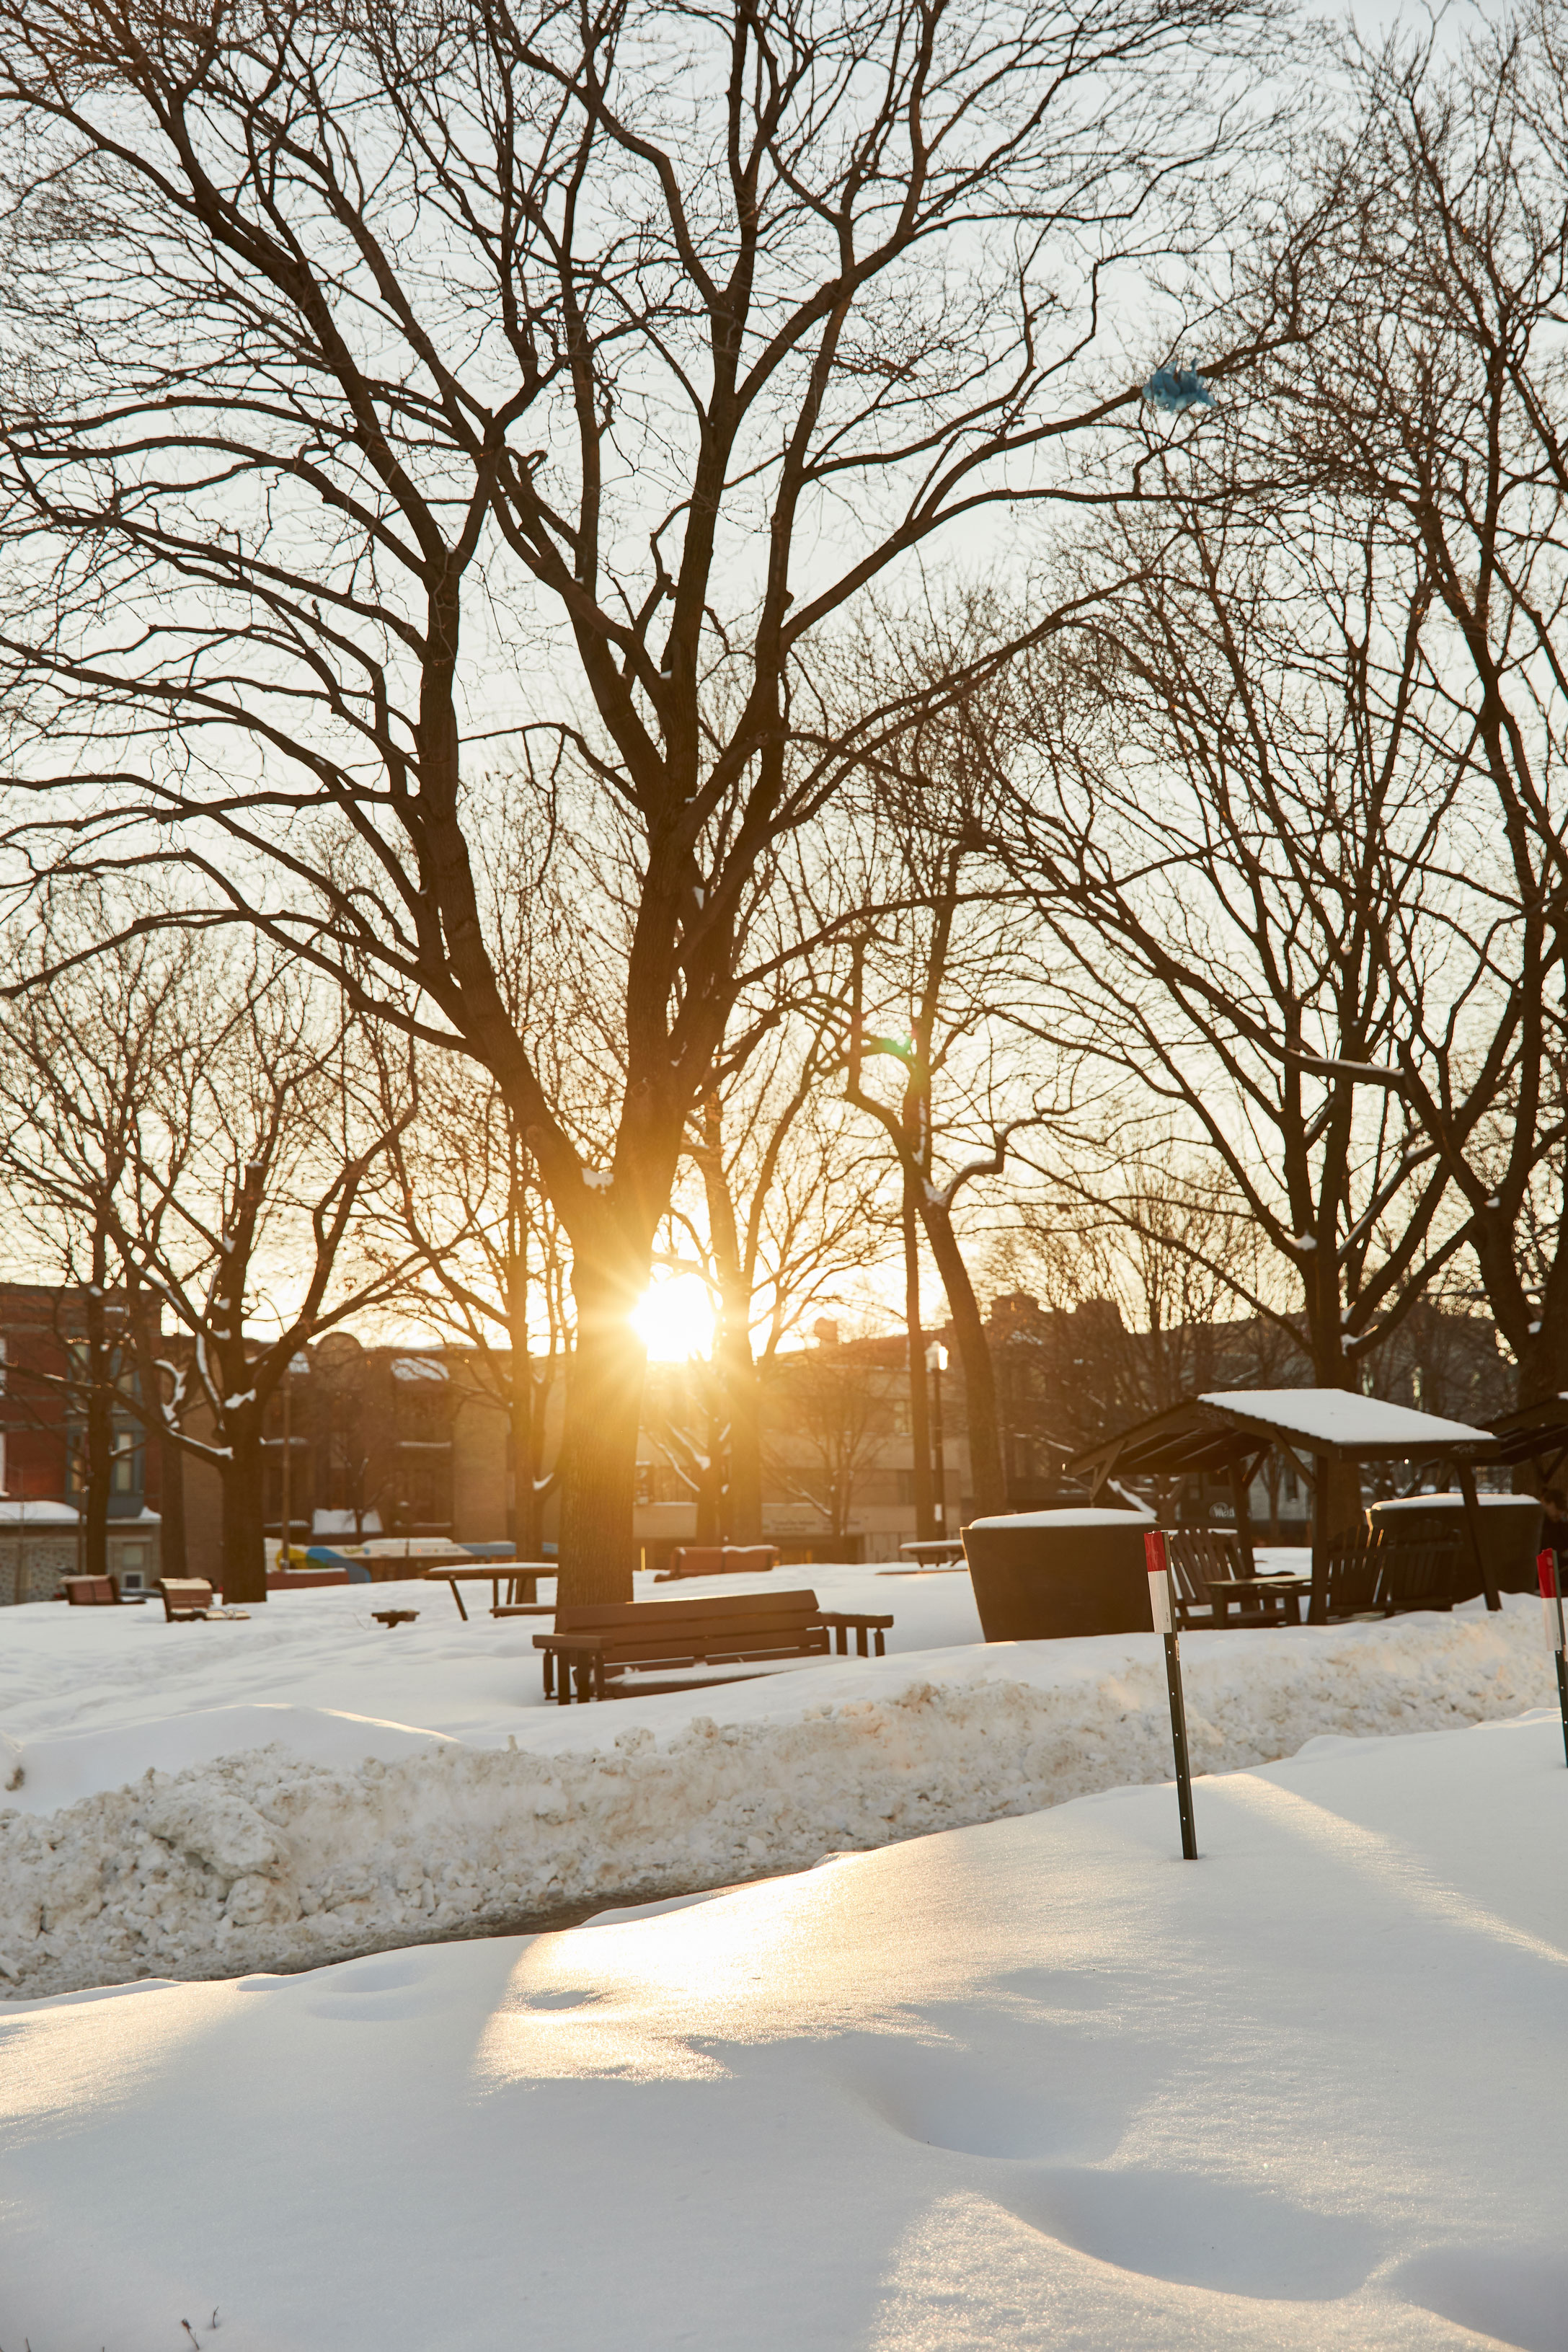 randonnée raquette hiver cityguide